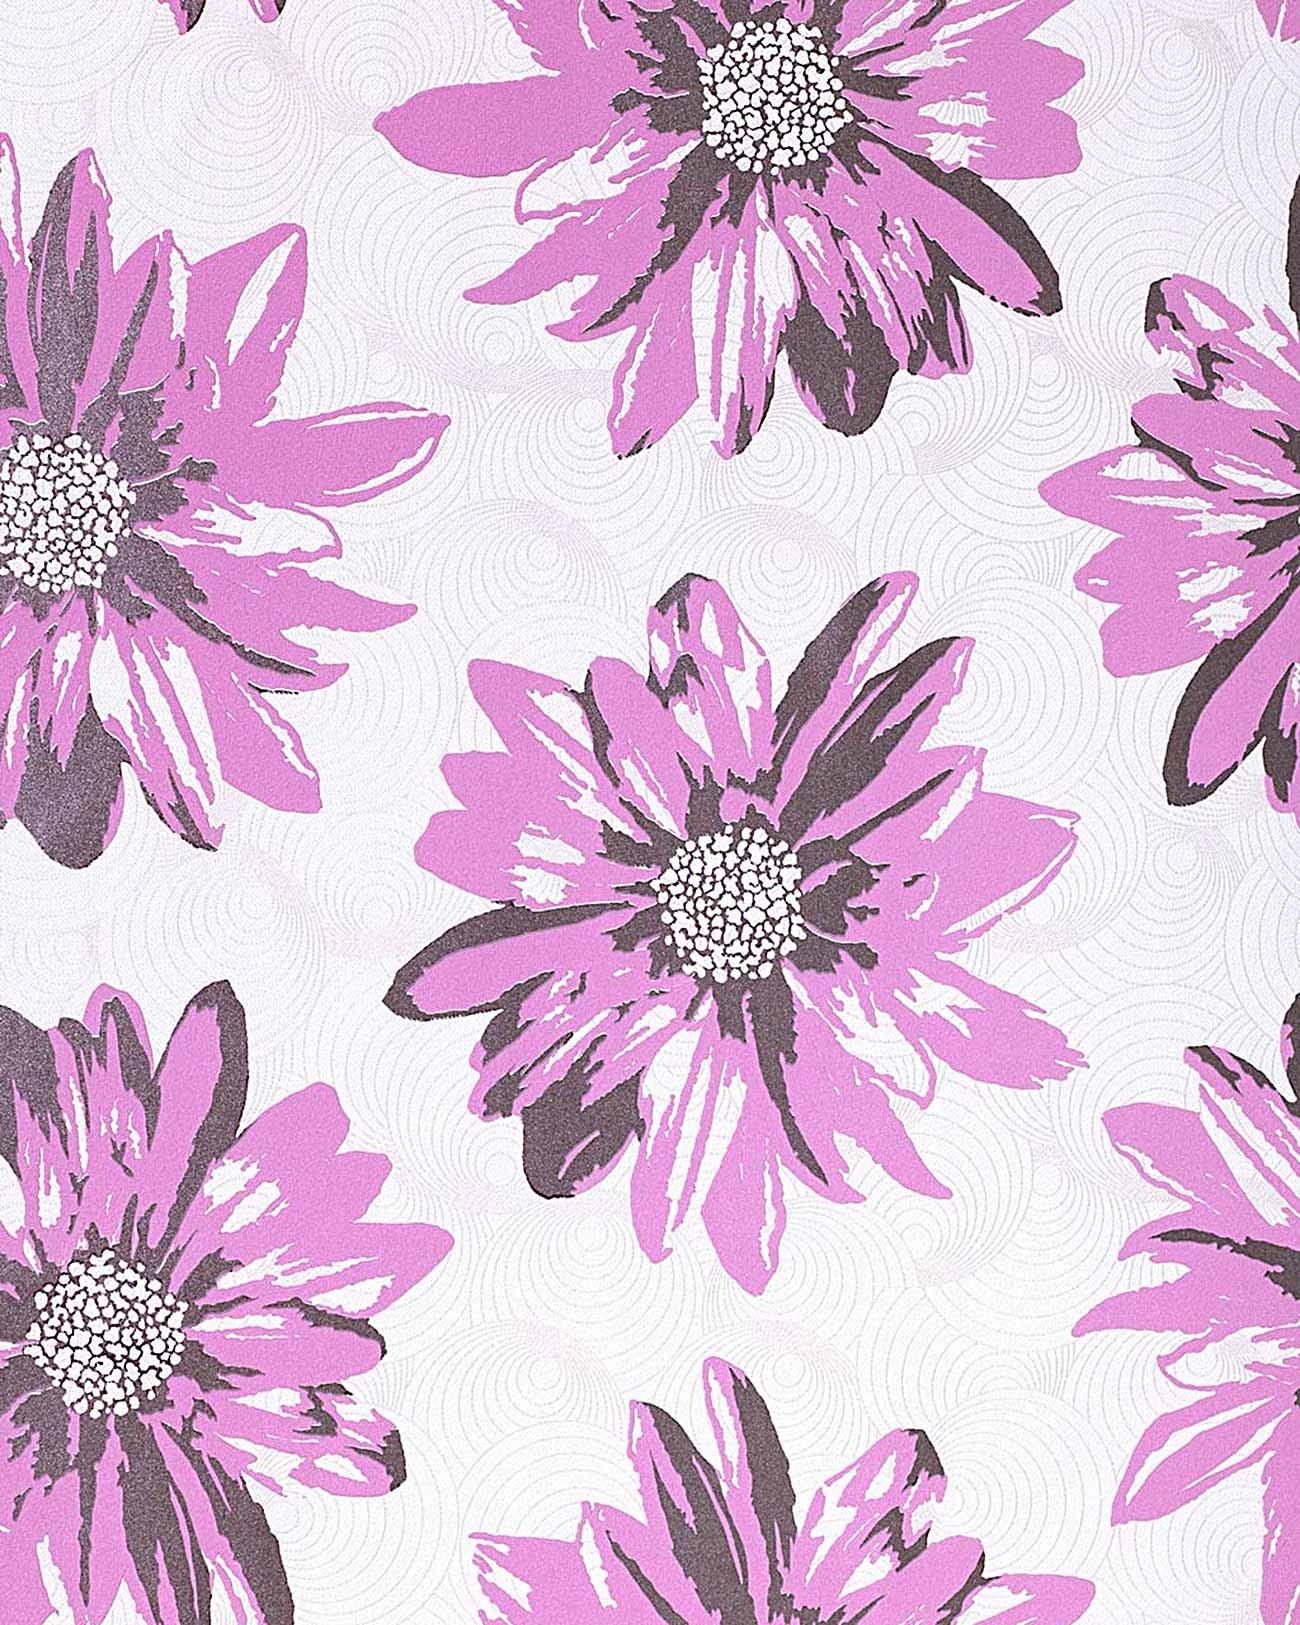 Lila Tapete Weiss Streichen : Summer Design Floral Tapete Sommer Blumen creme-wei? flieder lila